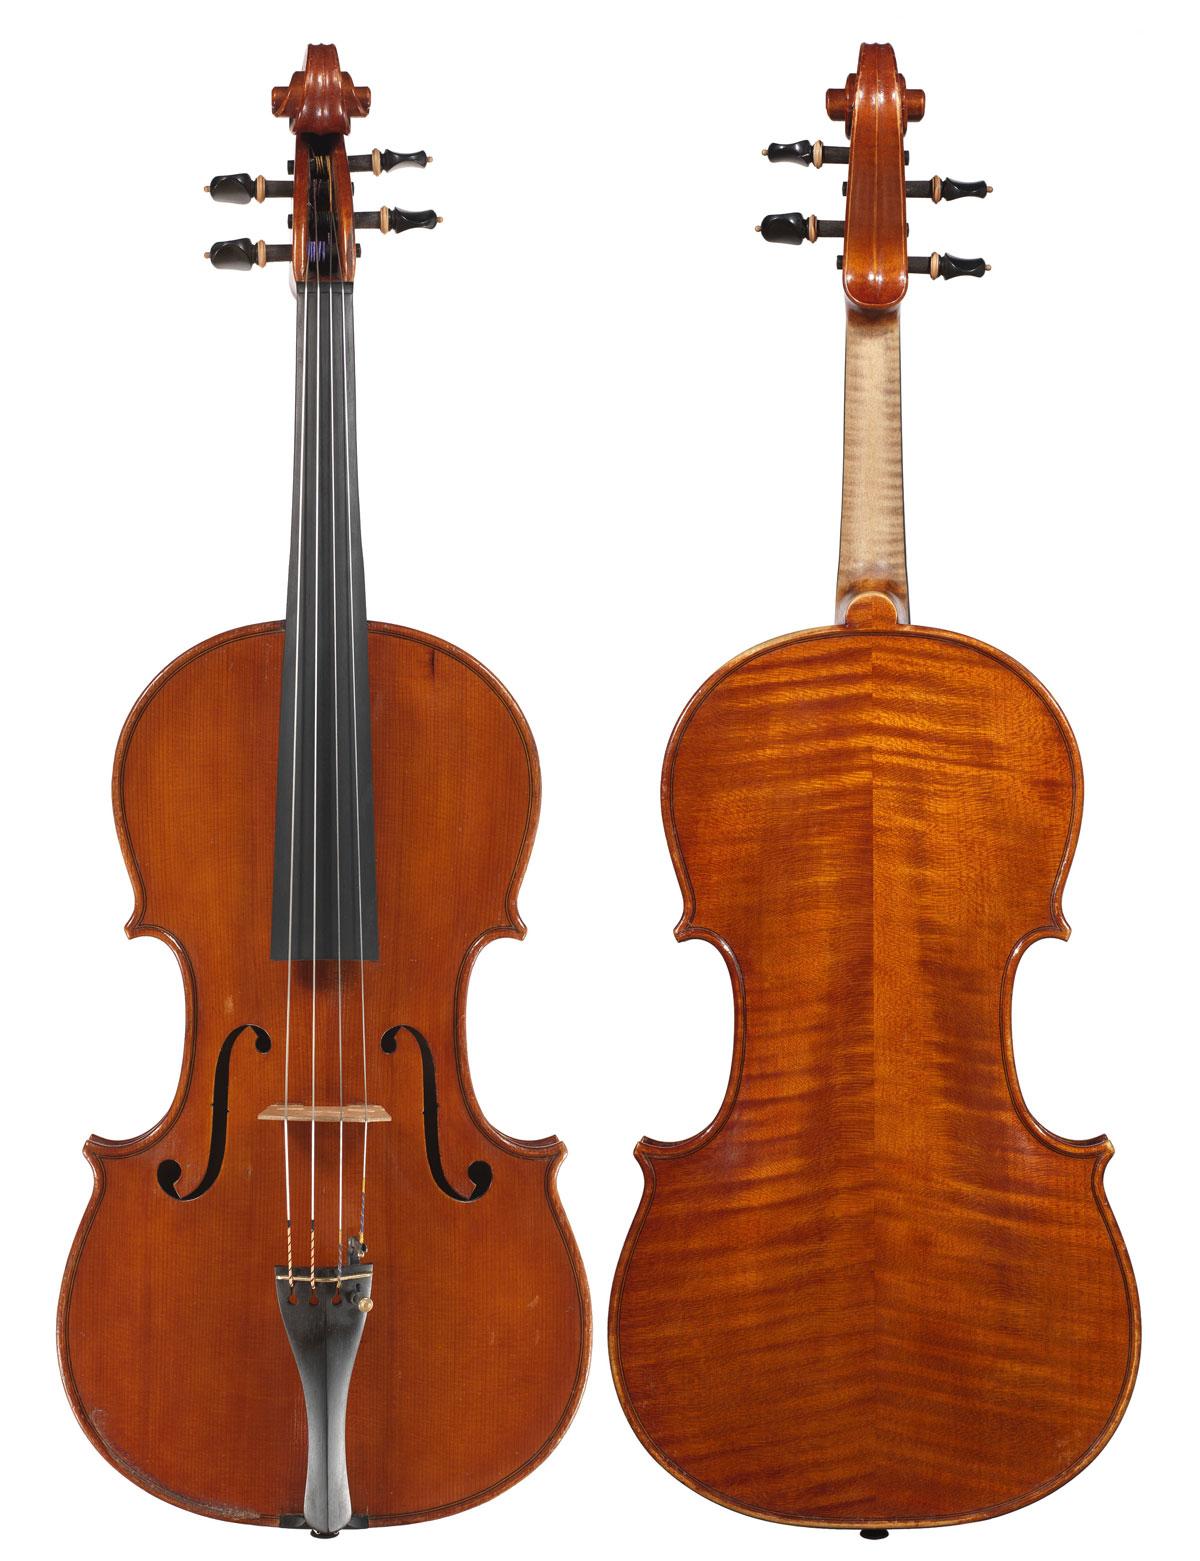 Viola by Giacomo & Leandro Bisiach